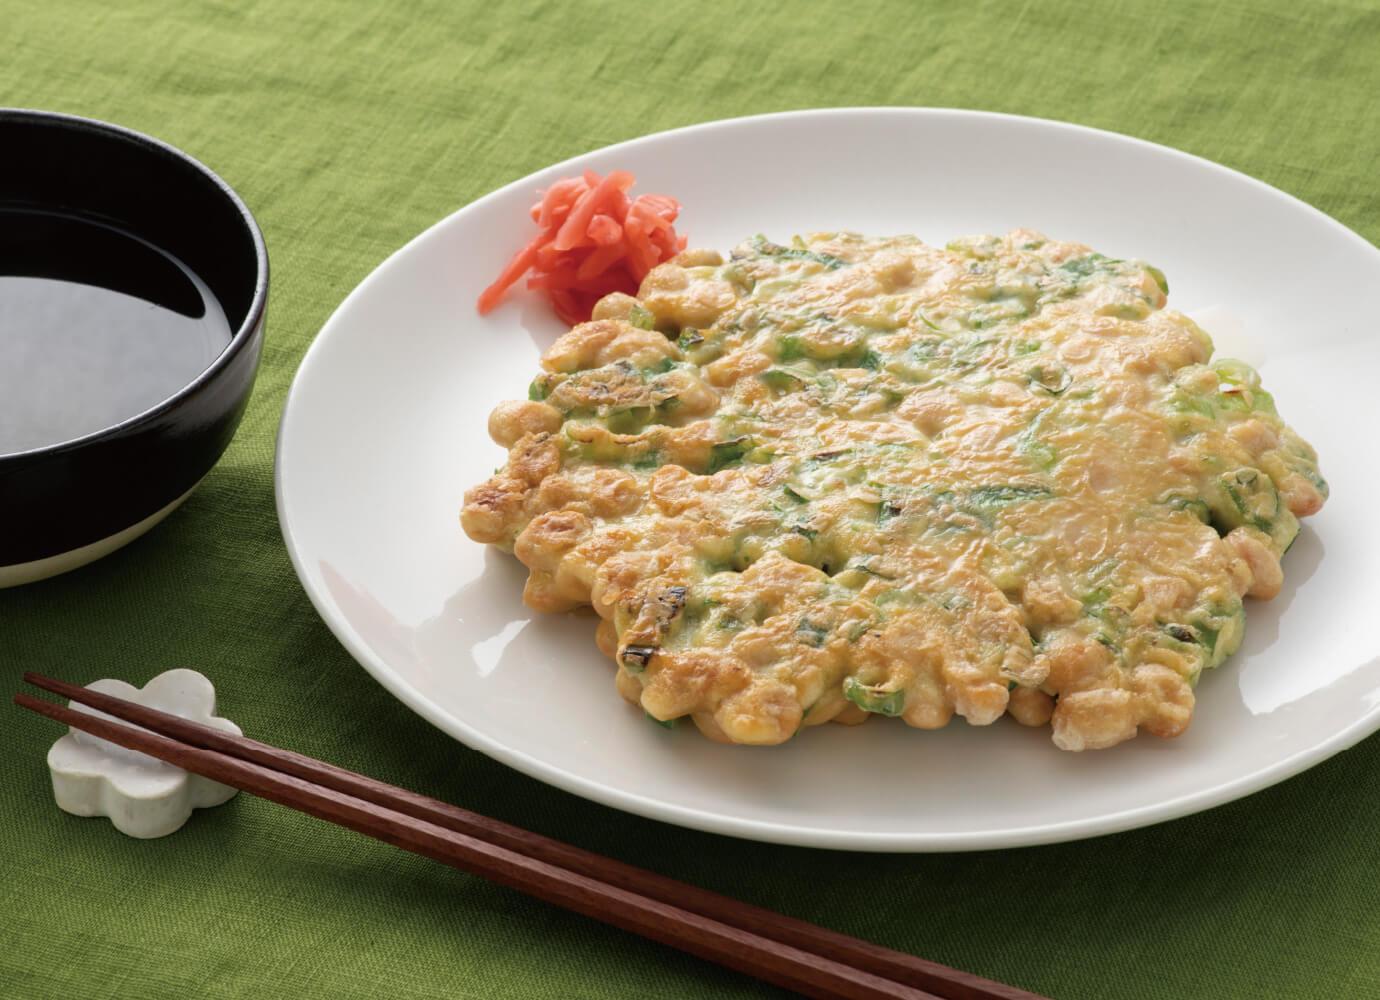 大豆のお好み焼き<span>(2枚)</span>